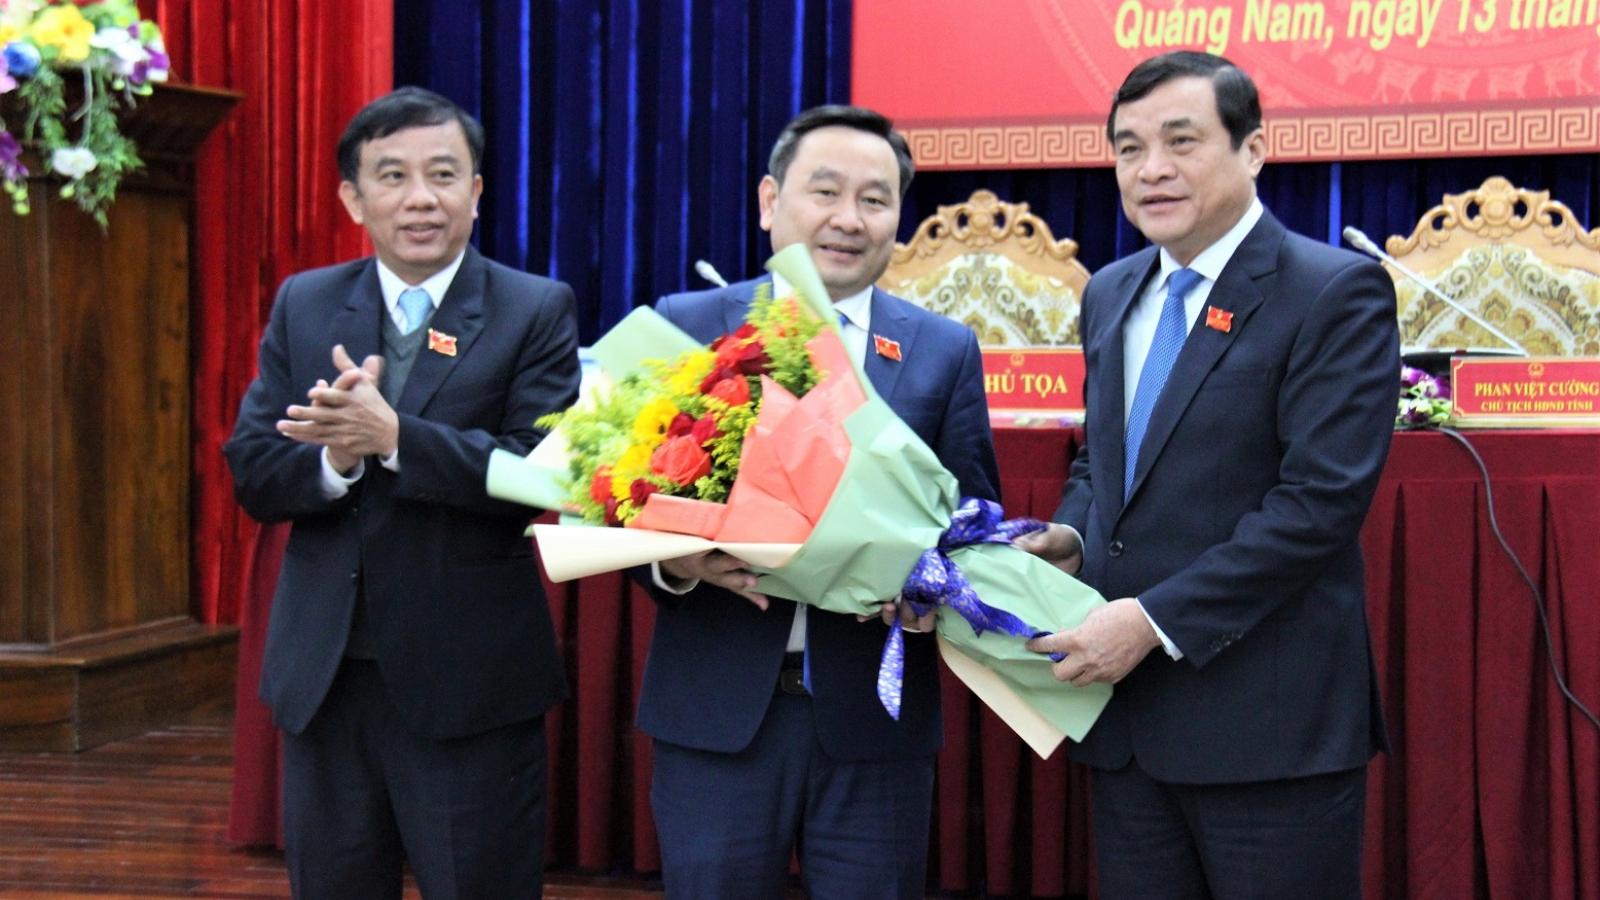 Ông Nguyễn Công Thanh giữ chức Phó Chủ tịch HĐND tỉnh Quảng Nam